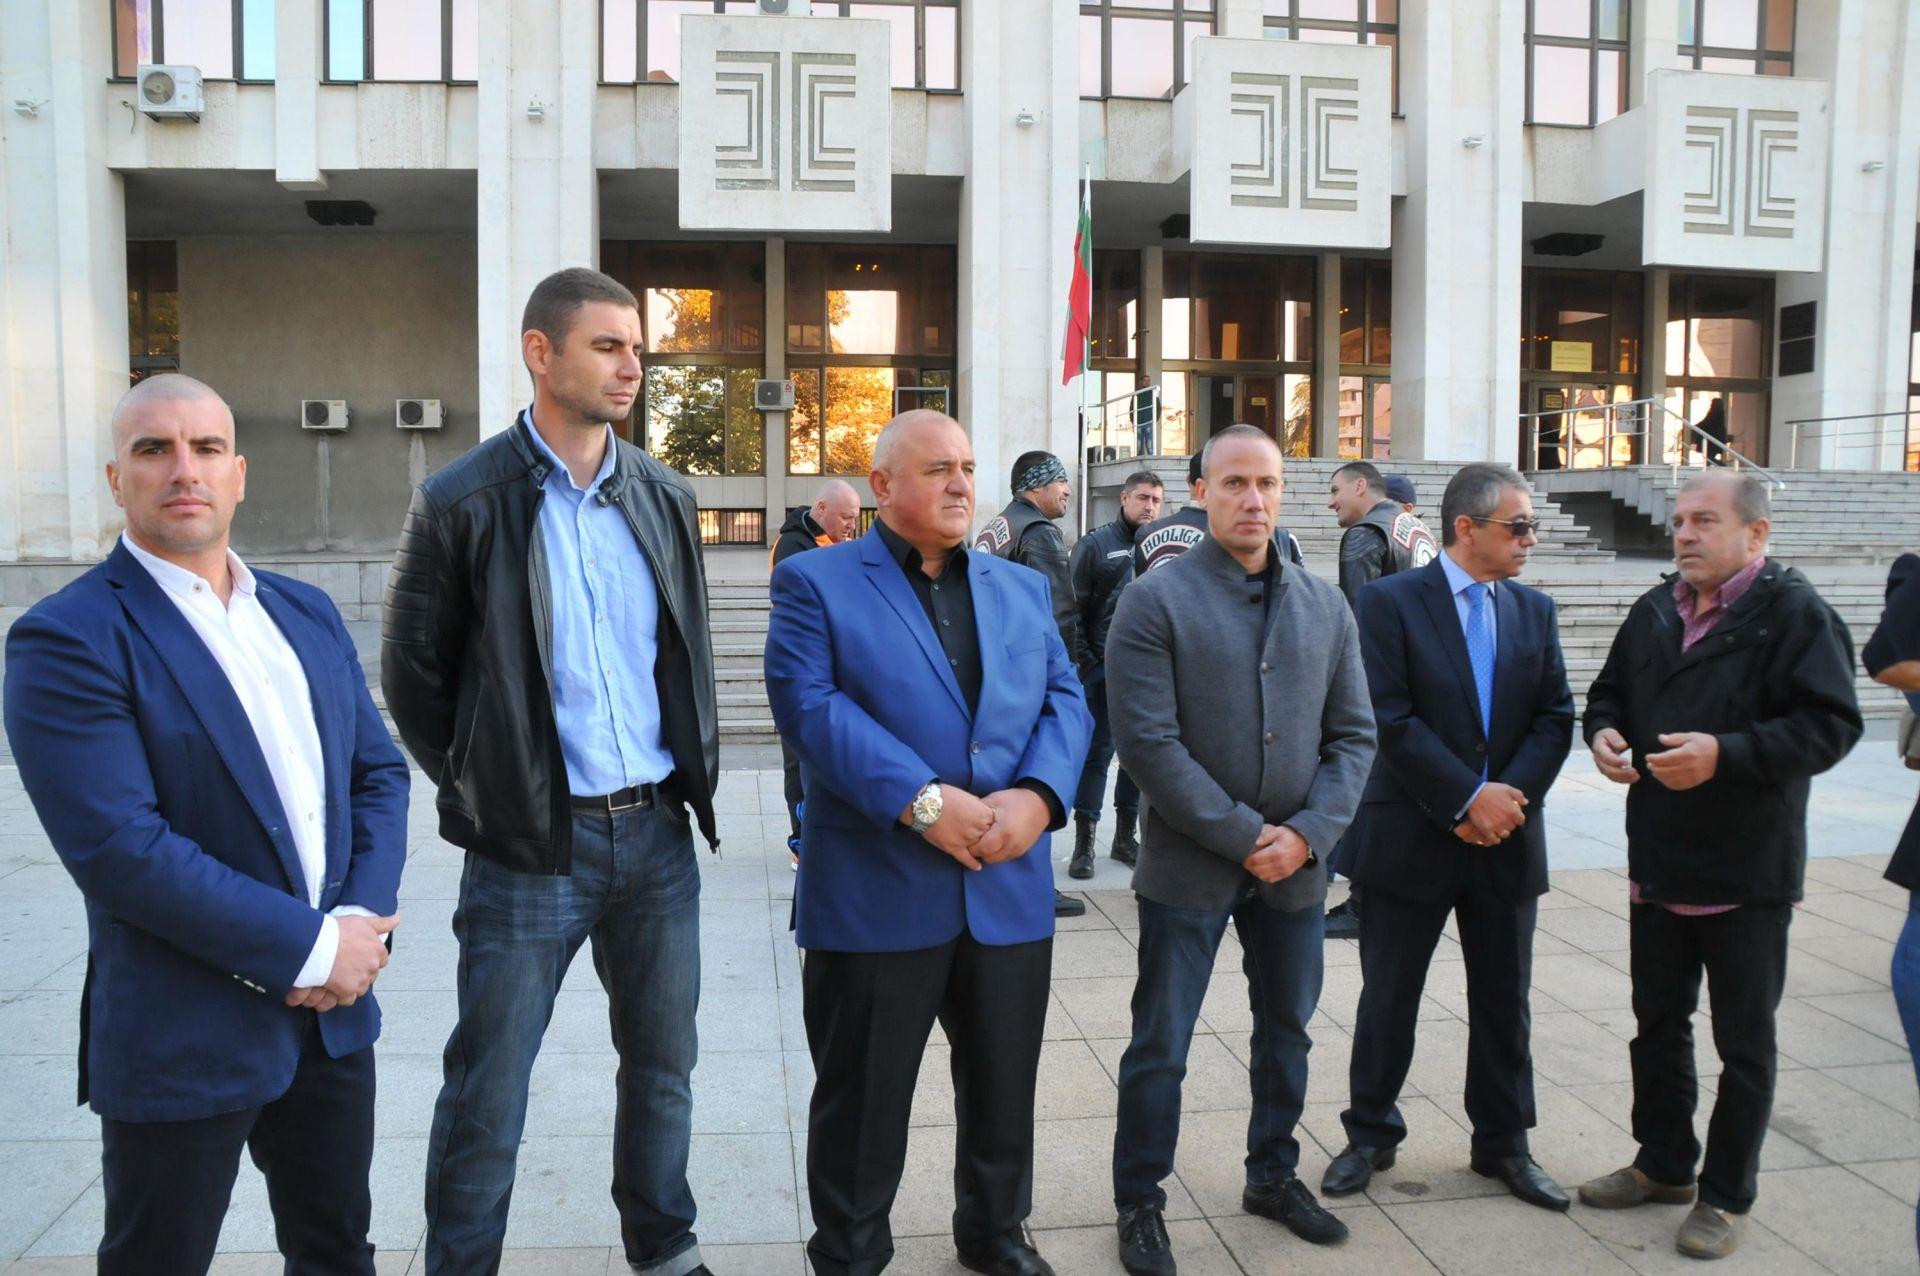 Граничните полицаи бяха посрещнати като истински герои от насъбралите се на митинг в тяхна защита бургазлии